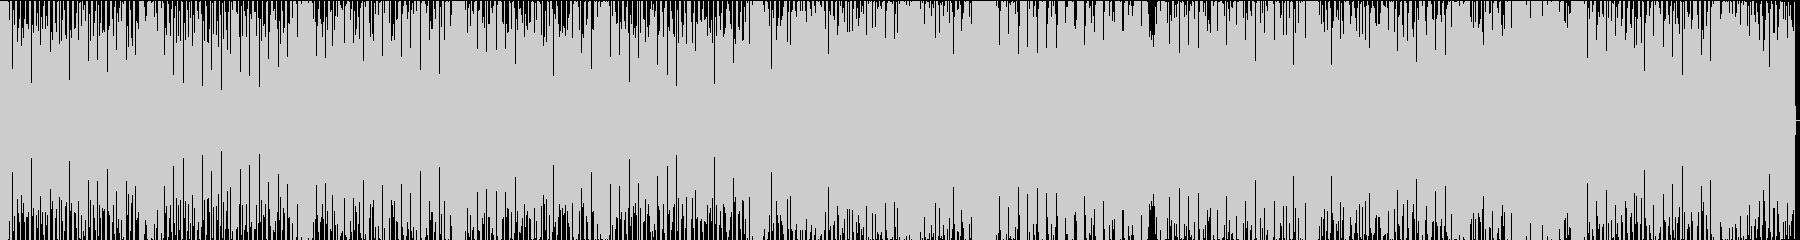 スクラッチが印象的なテクノポップの未再生の波形